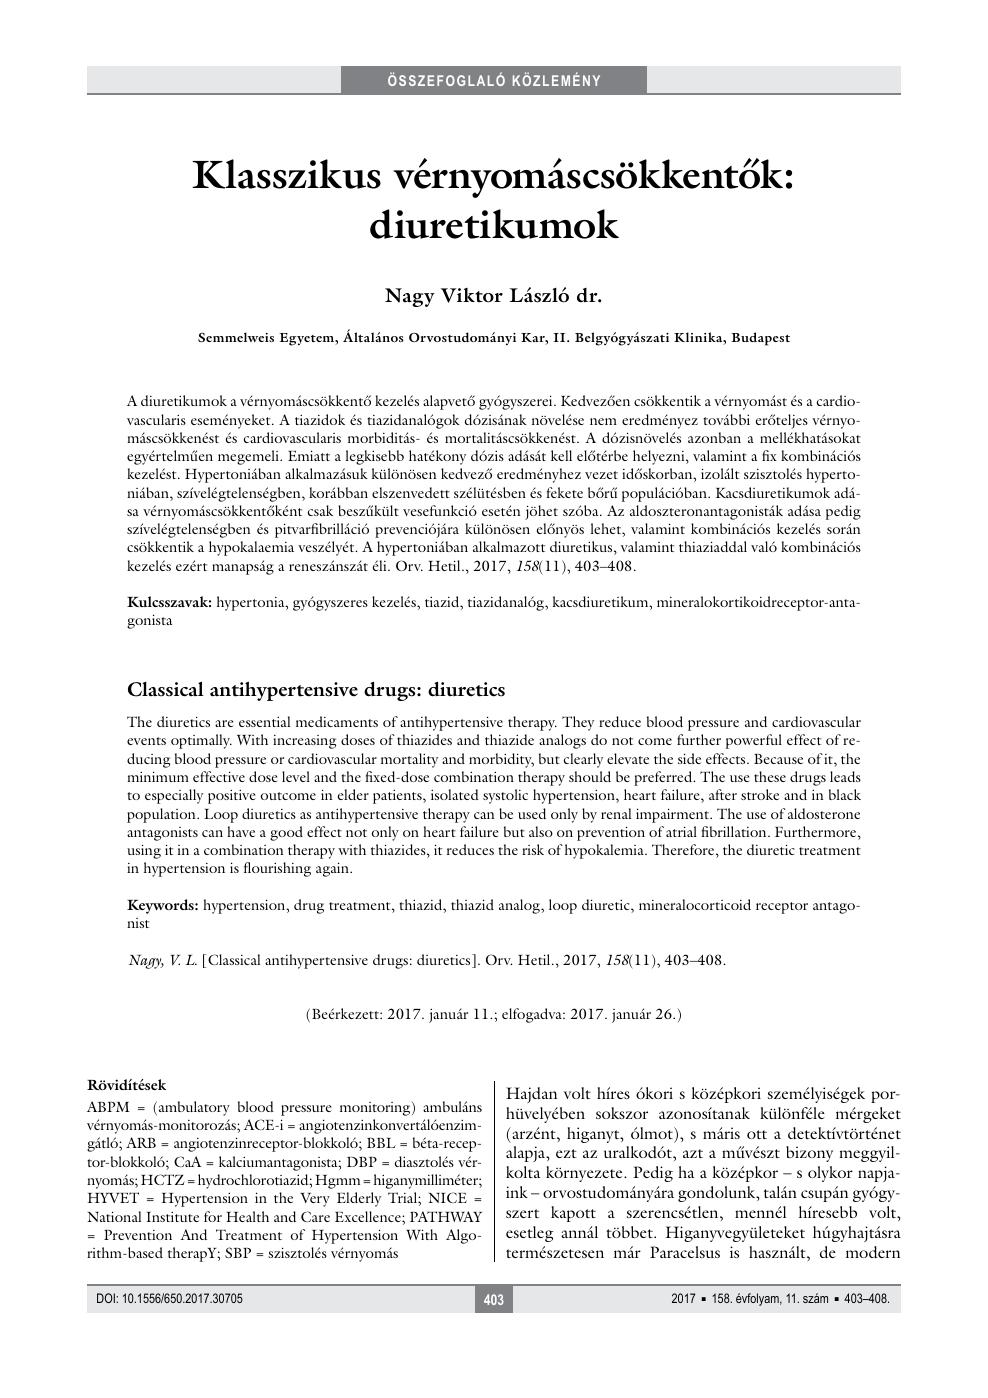 Diuretikumok a hypertonia kezelésében -